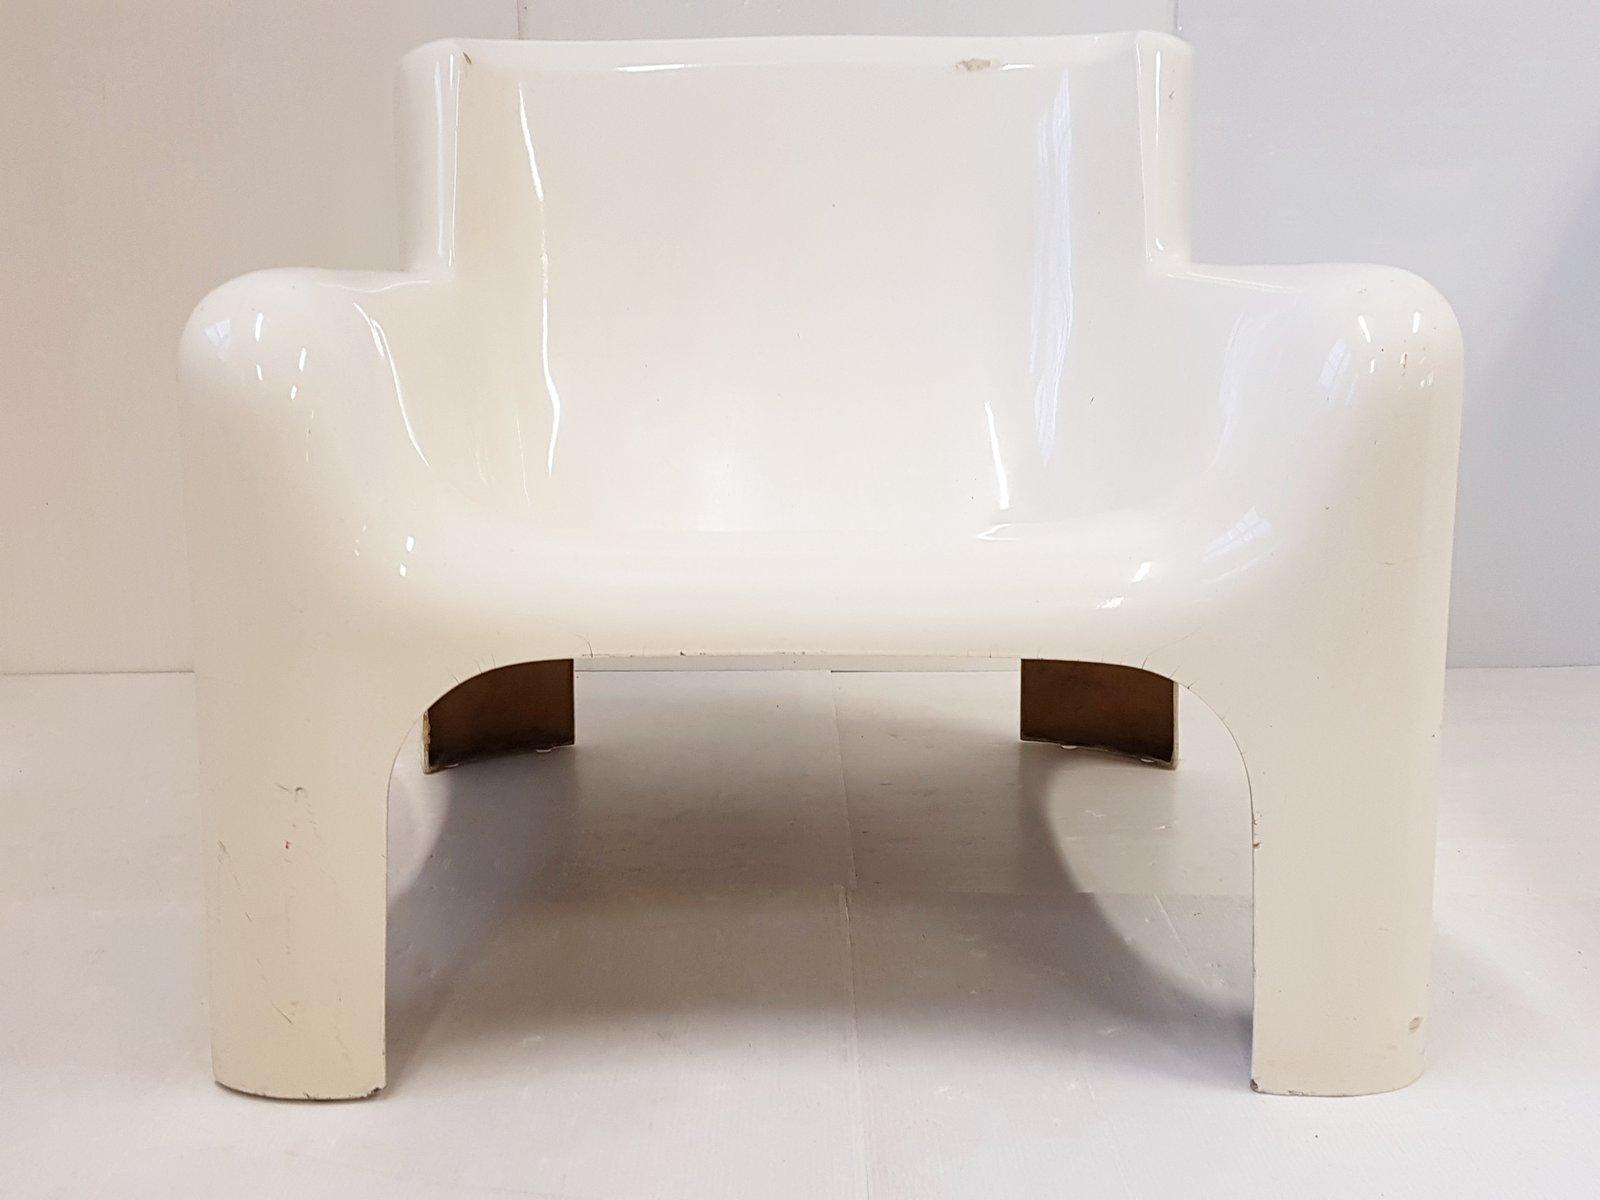 Italienischer Space Age Gaia Chair aus Glasfaser von Carlo Bartoli für...